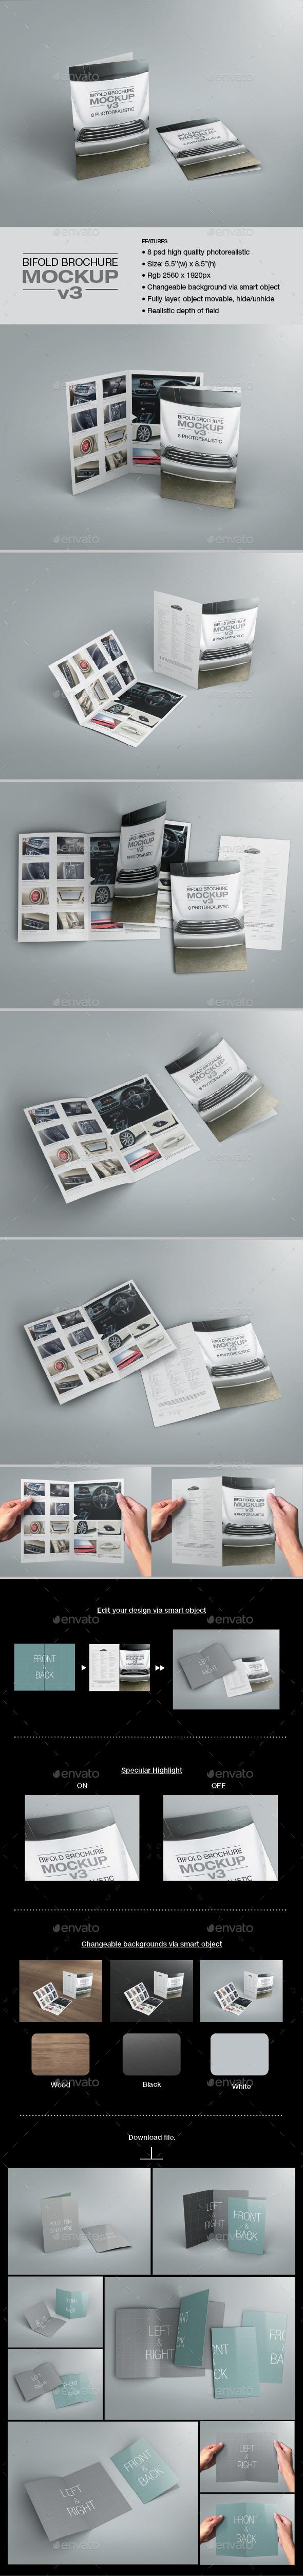 Bifold Brochure Mock-up 03 - Brochures Print